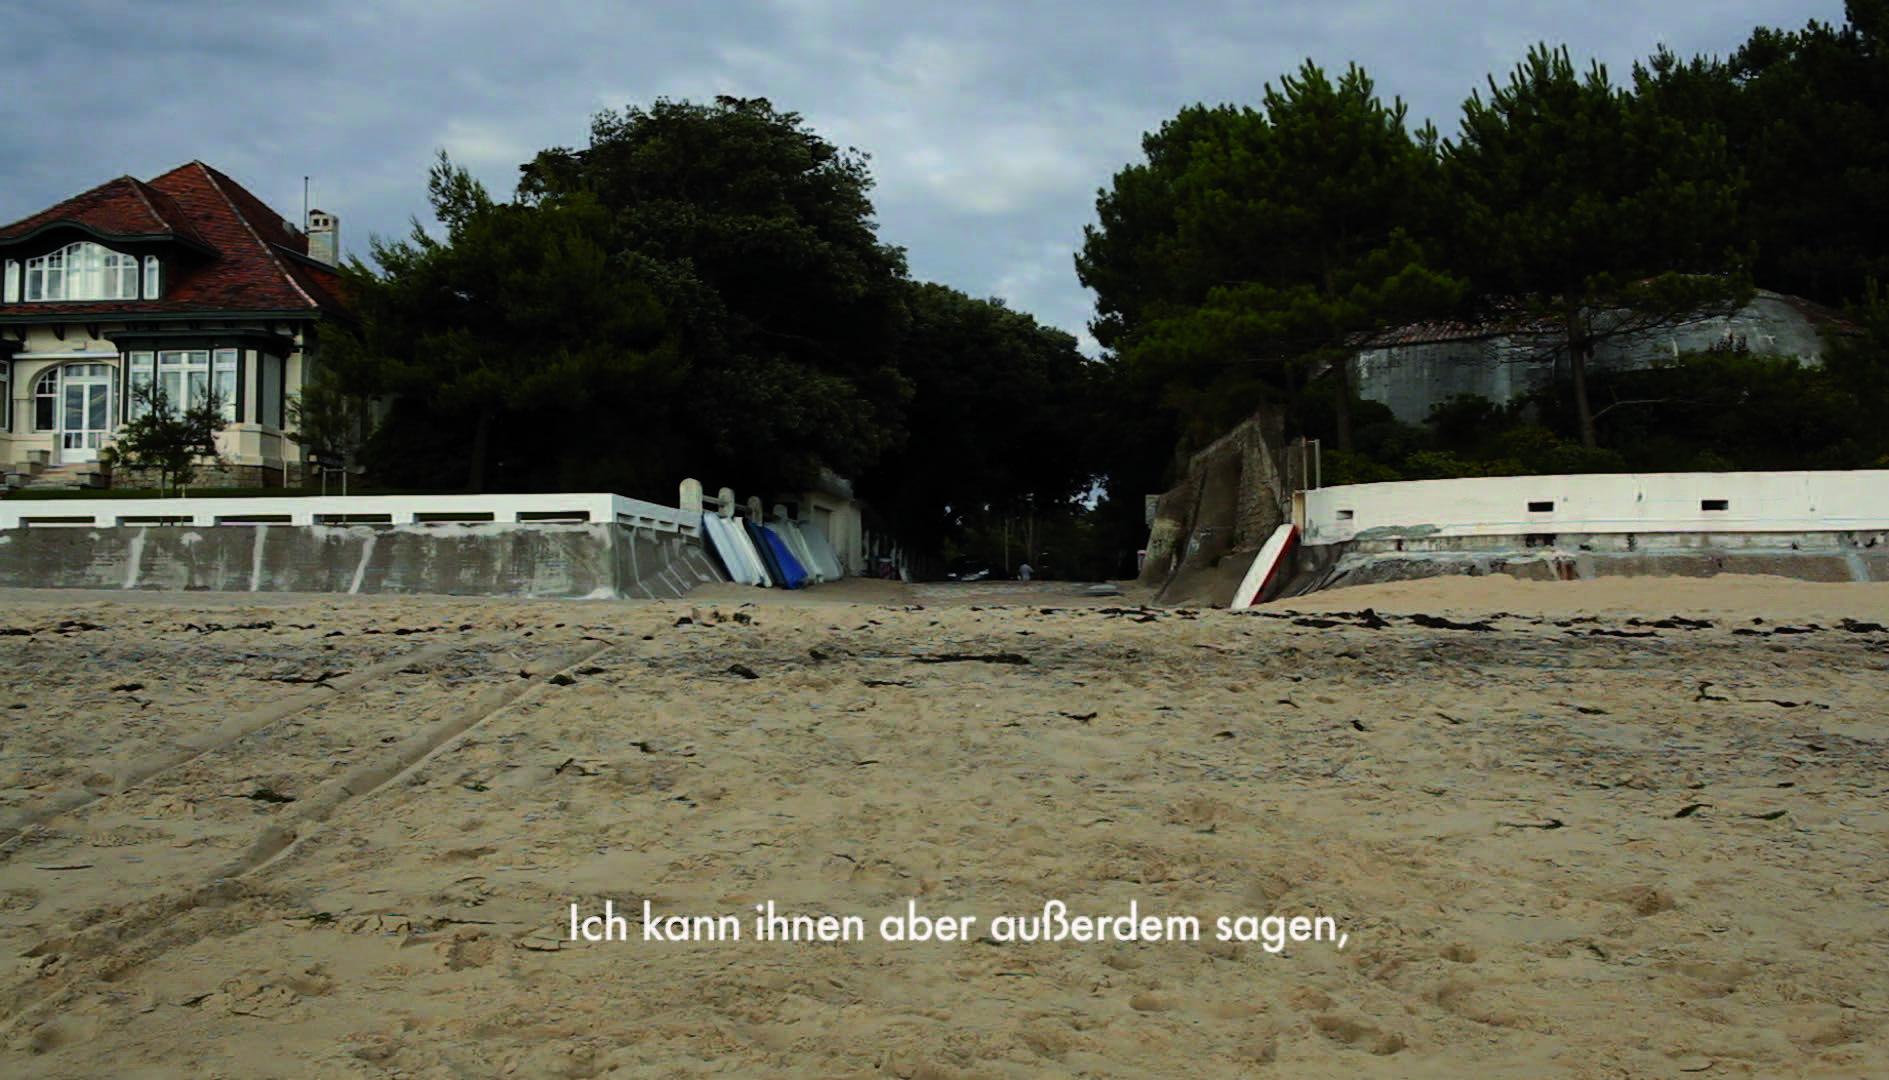 sophie-salzer-cest-une-autre-paire-de-manches-das-steht-auf-einem-anderen-blatt-2012-10-min